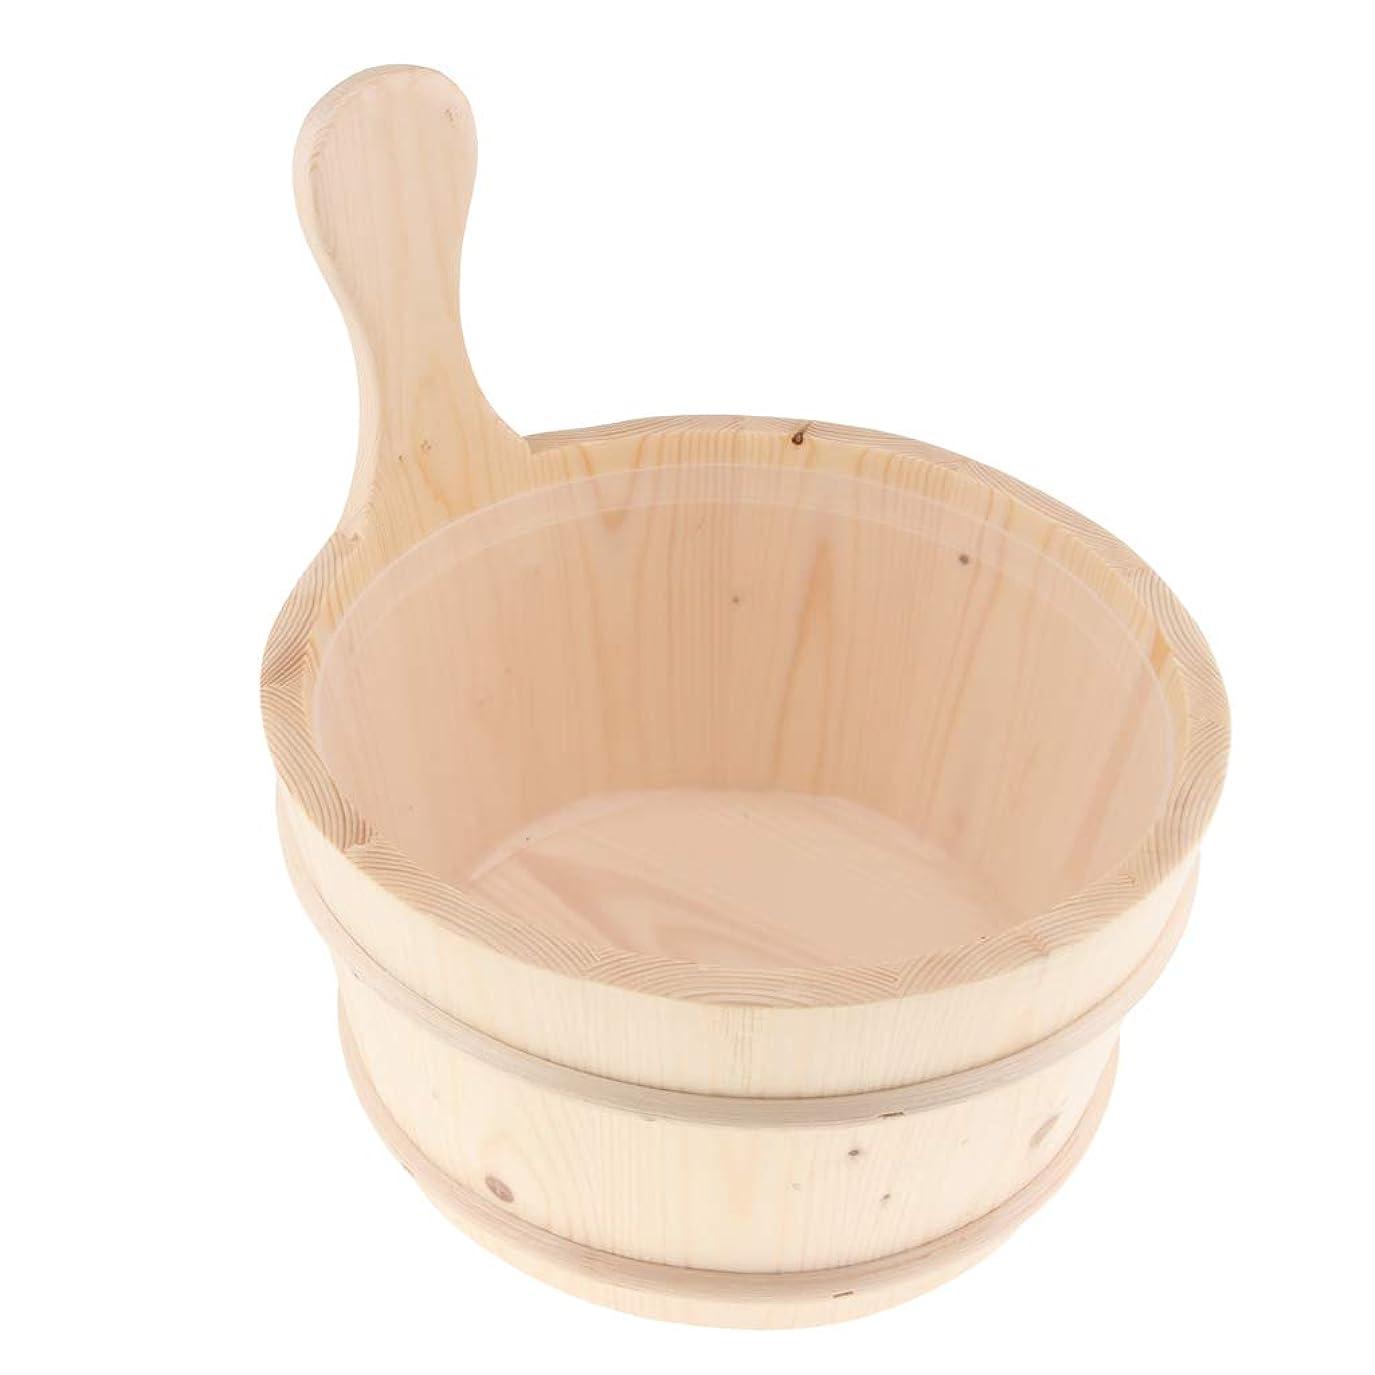 ハードモス反対するサウナ 湯おけ 4L 木製バケツ ハンドル付き